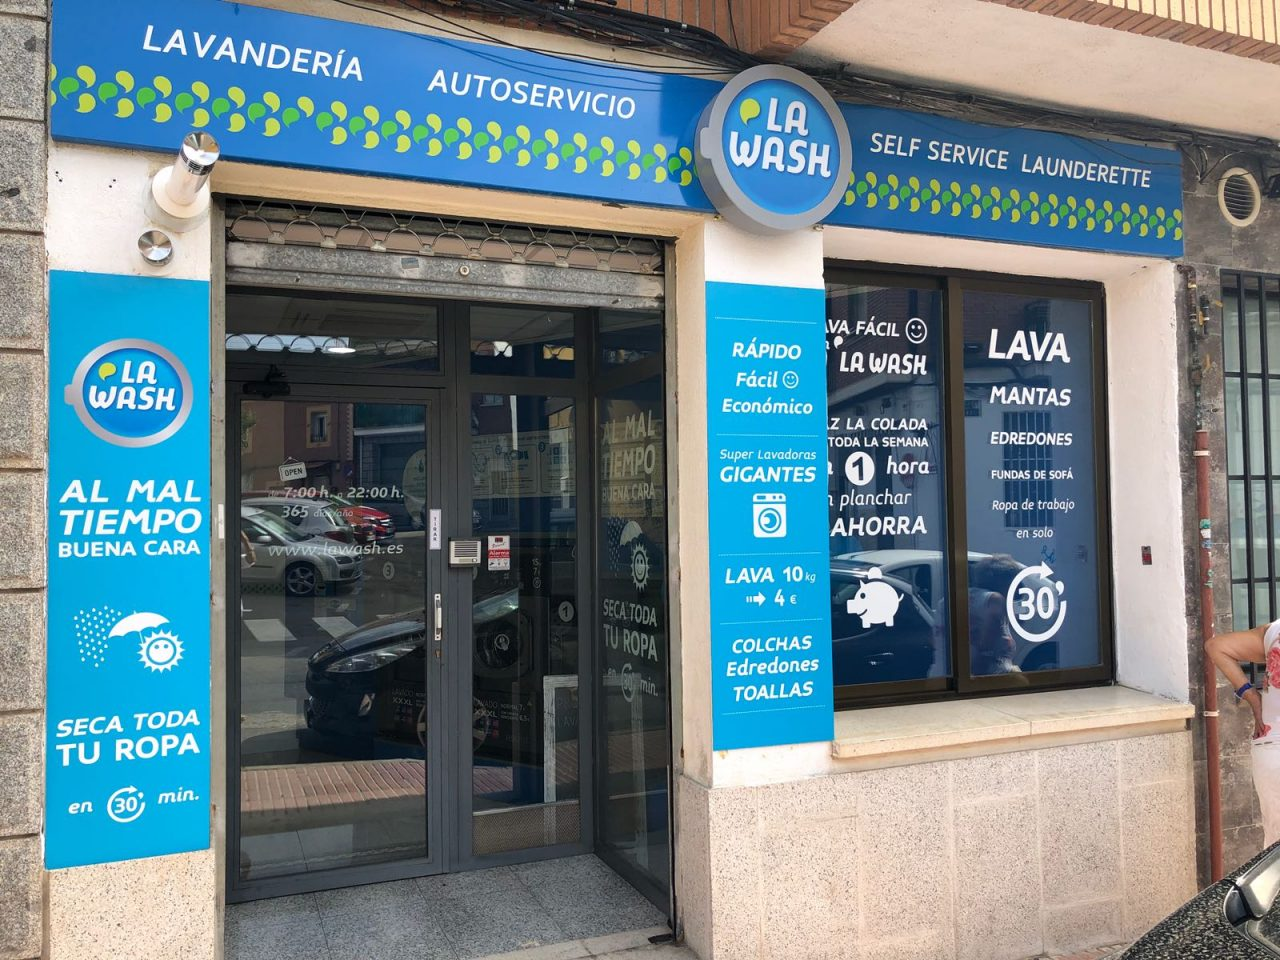 Nueva lavandería autoservicio La Wash en Colmenar Viejo